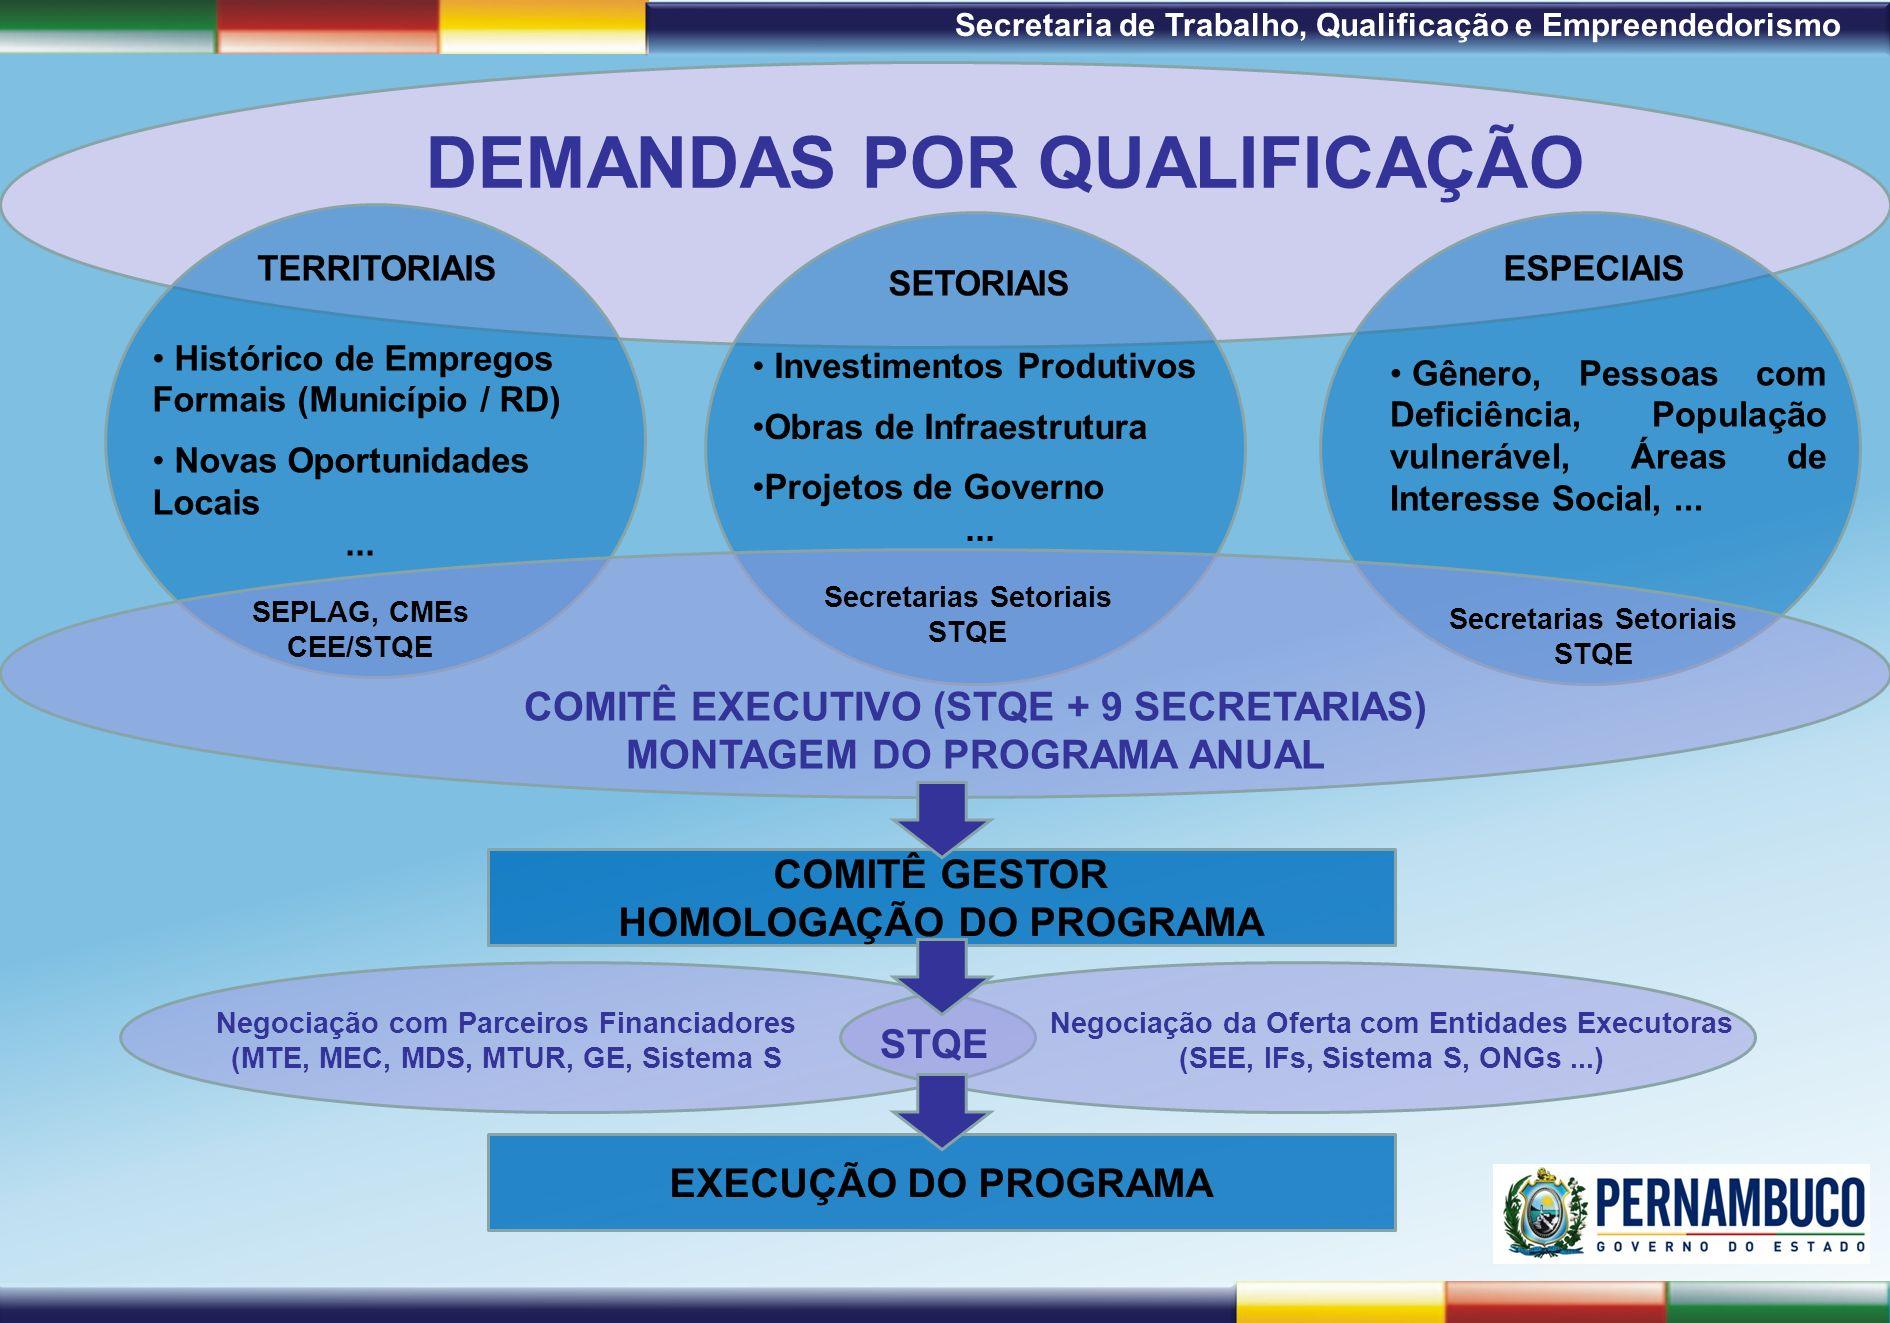 1ª Reunião de Monitoramento 2009 – 31/03/09 Secretaria de Trabalho, Qualificação e Empreendedorismo PERSPECTIVA DE DEMANDAS POR QUALIFICAÇÃO PROFISSIONAL Fonte : ADDIPER, Empresas, Governo do Estado